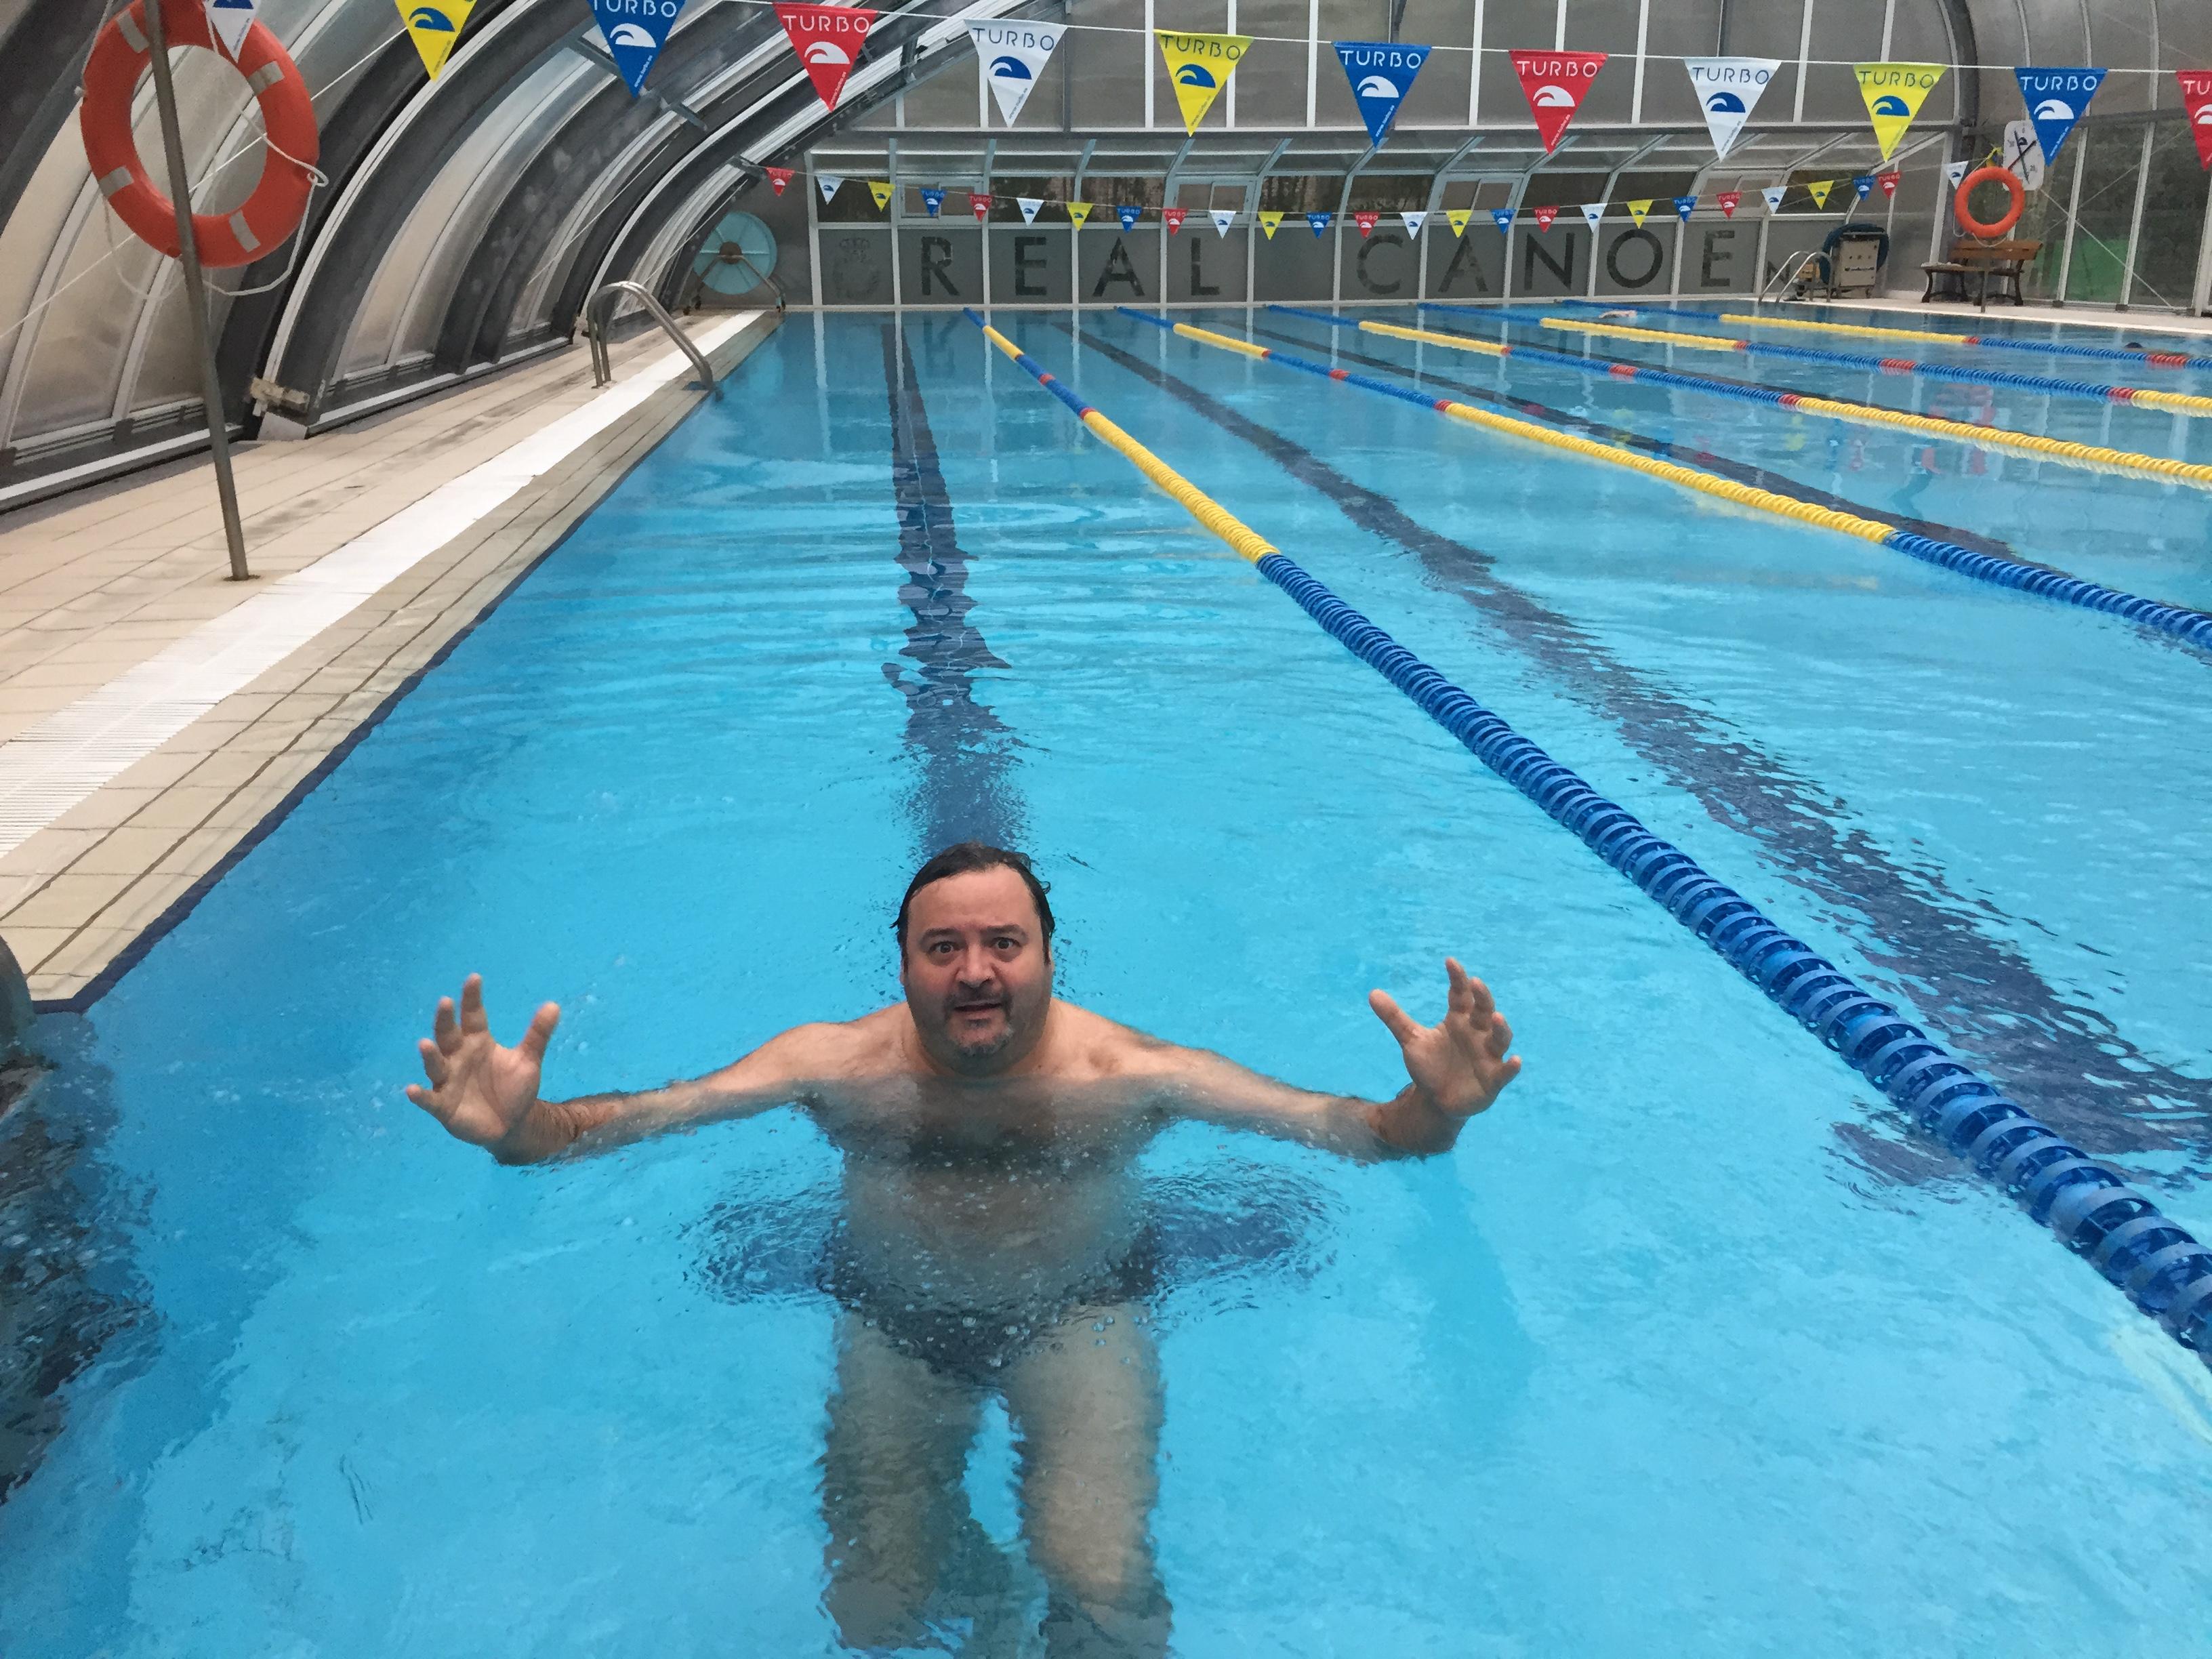 He empezado a hacer natacion y me siento de maravilla for Construir pileta natacion